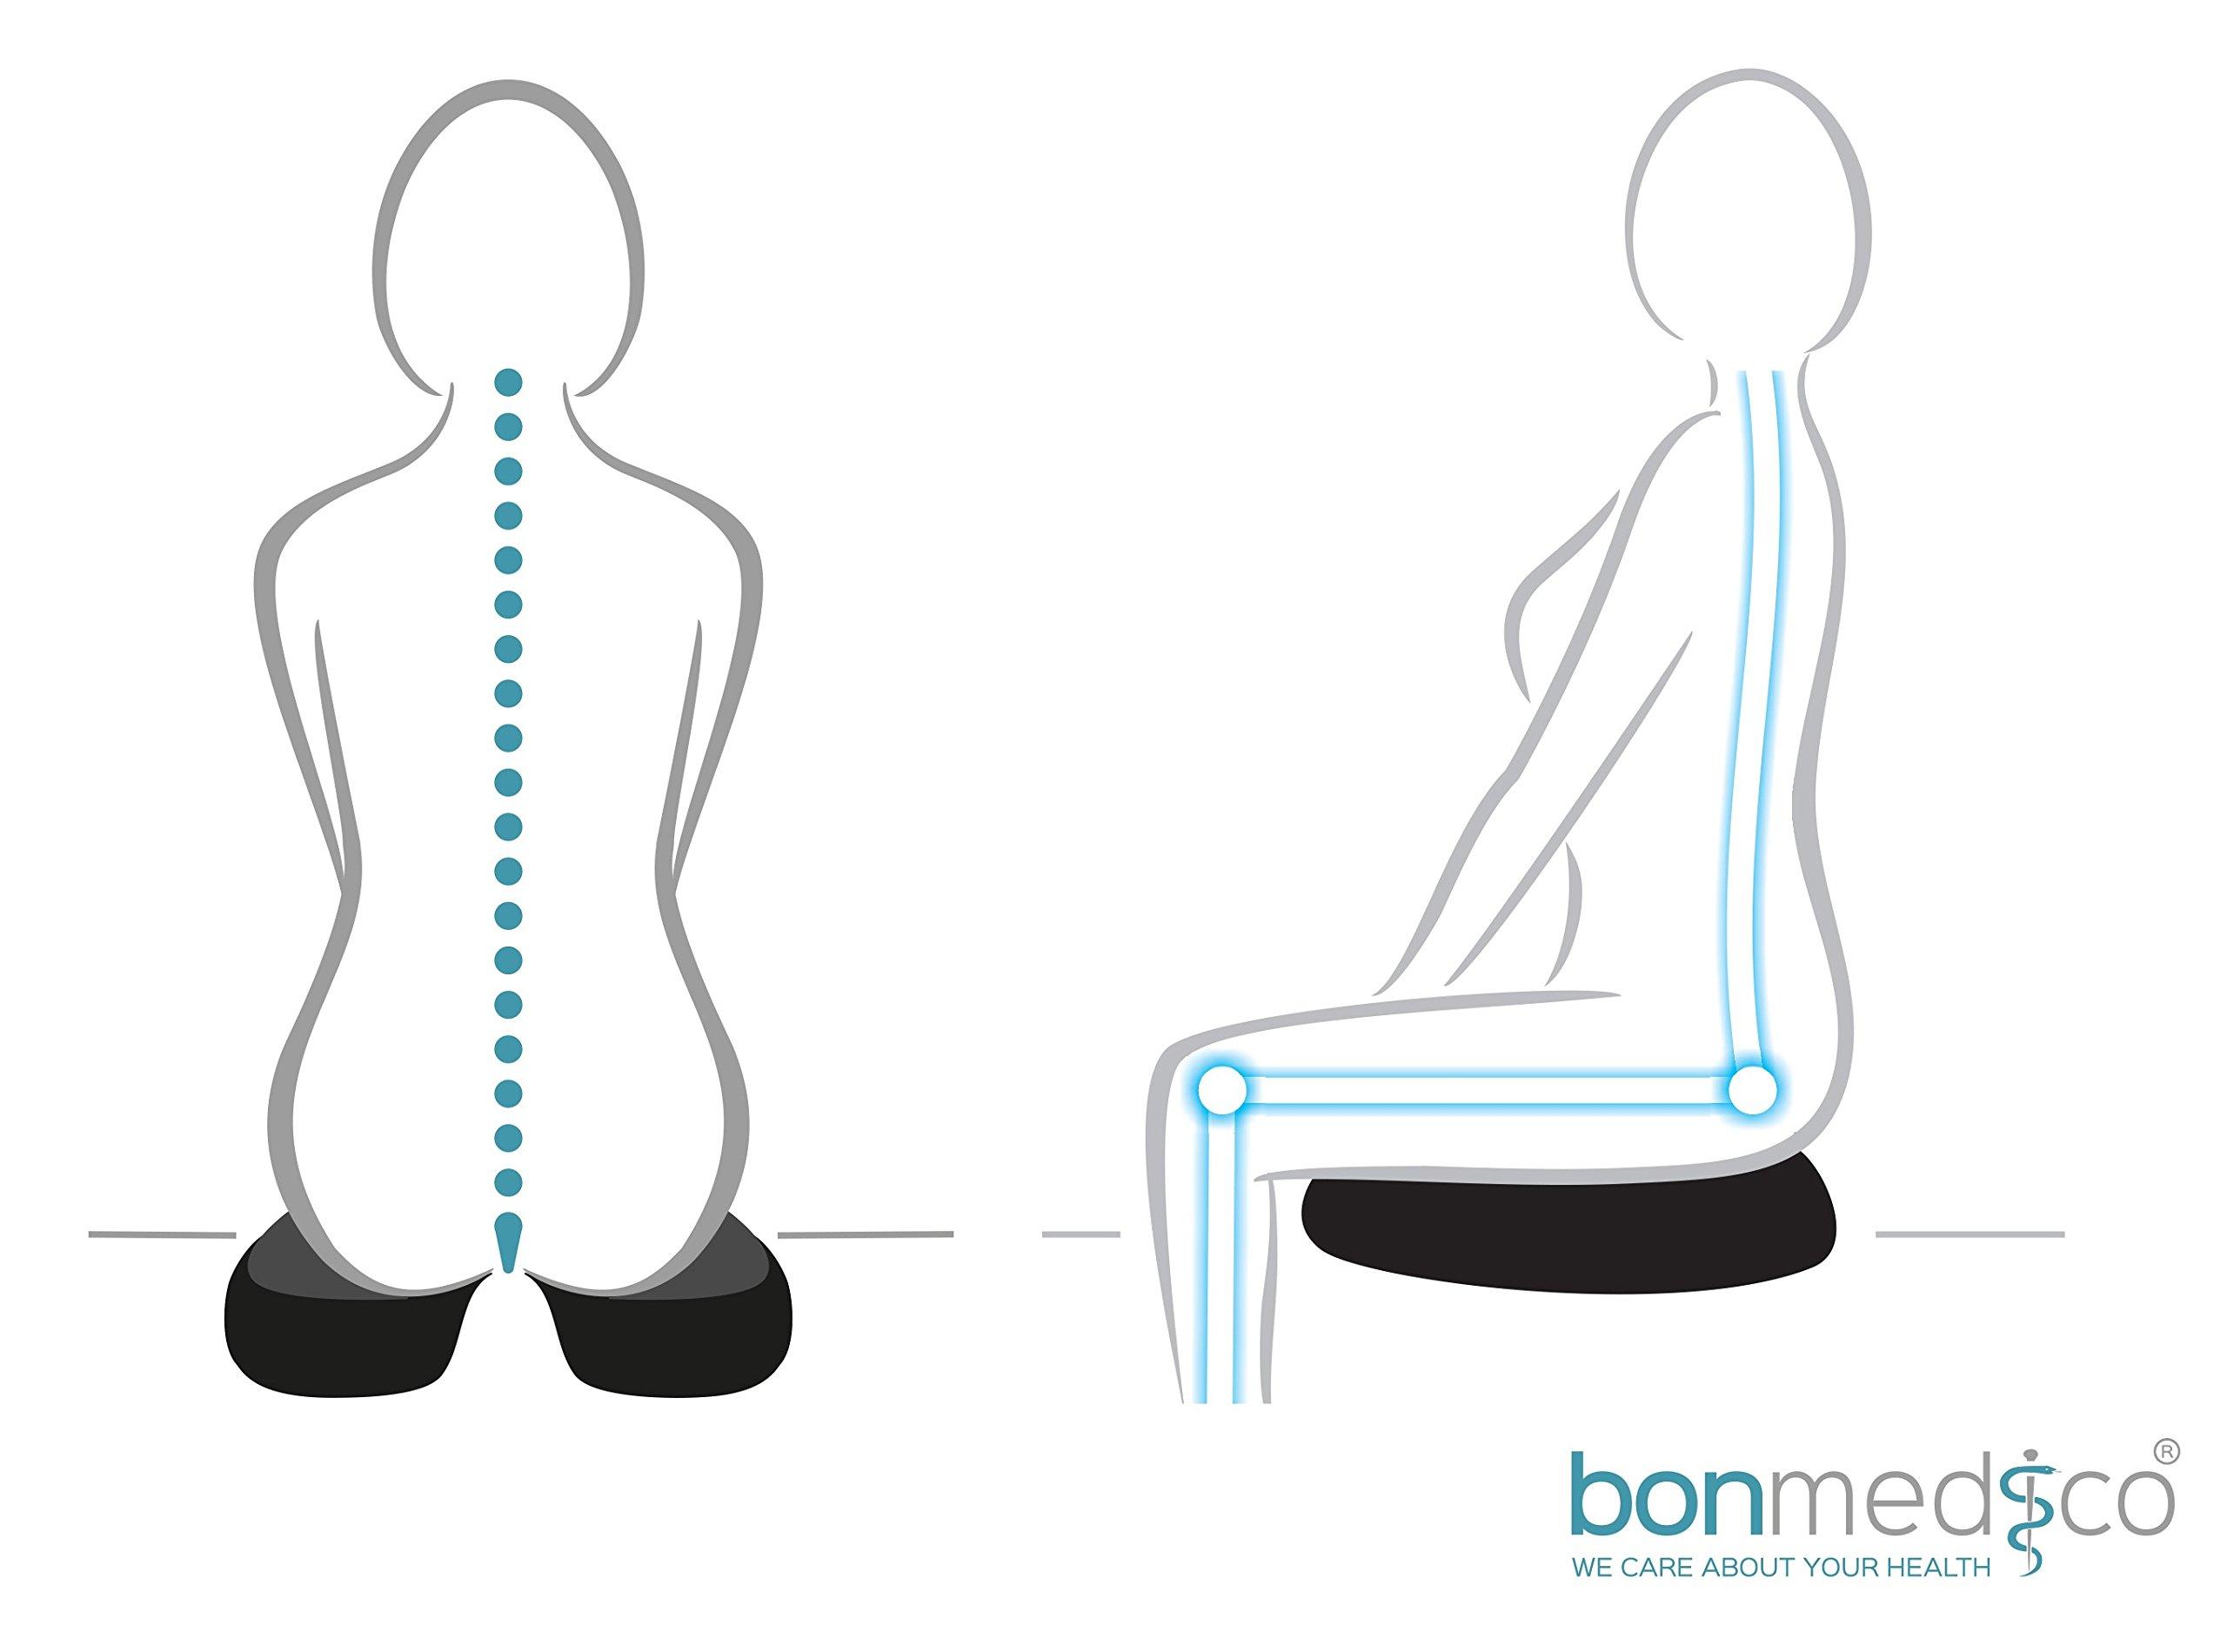 Cuscino Ortopedico Bonmedico Cuscino Antidecubito XL Colore: Blu Cuscino Ortopedico Cervicale in Gel E Memory Foam Perfetto Come Cuscino per Seduta in Viaggio E Cuscino per Sedia da Ufficio